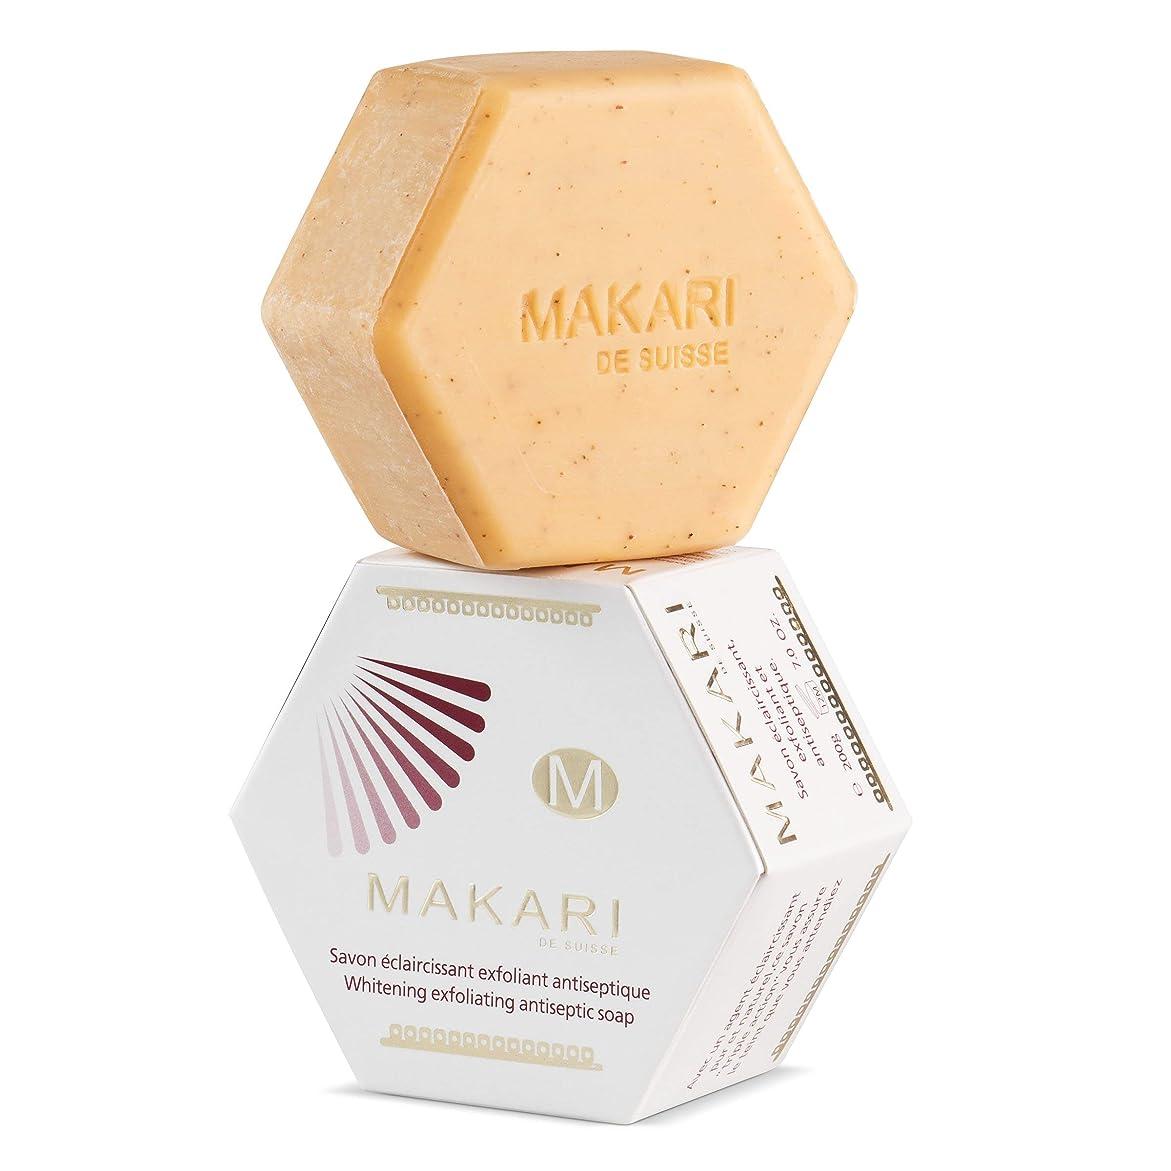 露出度の高い以下扱うMAKARI Classic Whitening Exfoliating Antiseptic Soap 7 Oz.– Cleansing & Moisturizing Bar Soap For Face & Body – Brightens Skin & Fades Dark Spots, Acne Scars, Blemishes & Hyperpigmentation